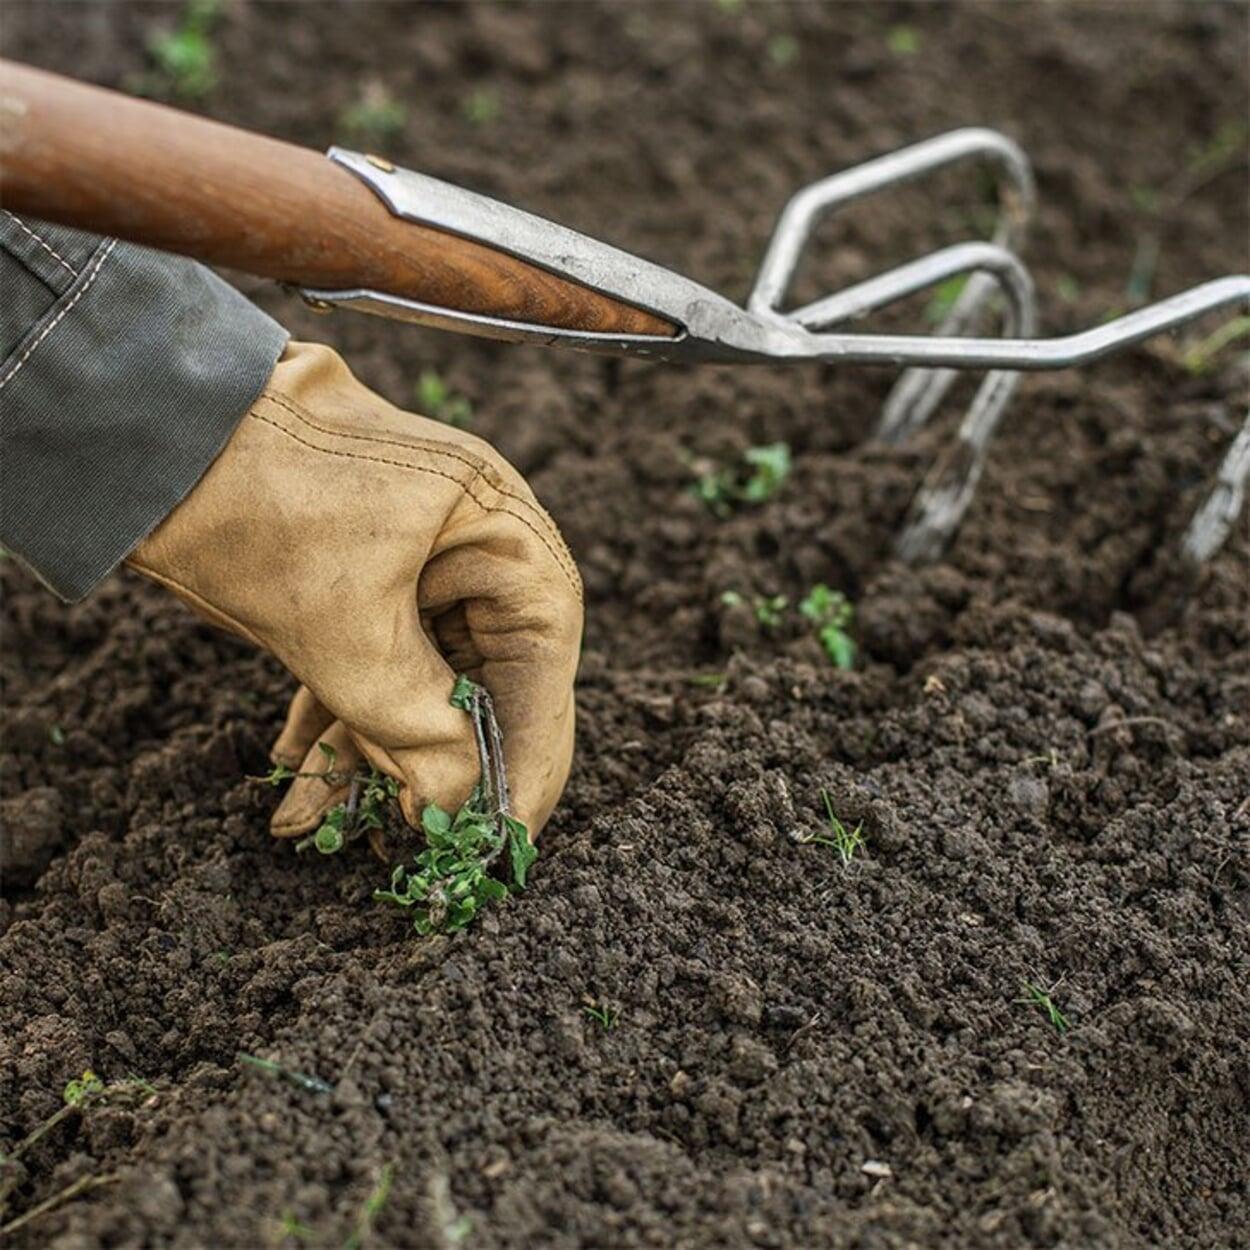 Vor der Pflanzung den Boden gründlich lockern und Unkraut entfernen